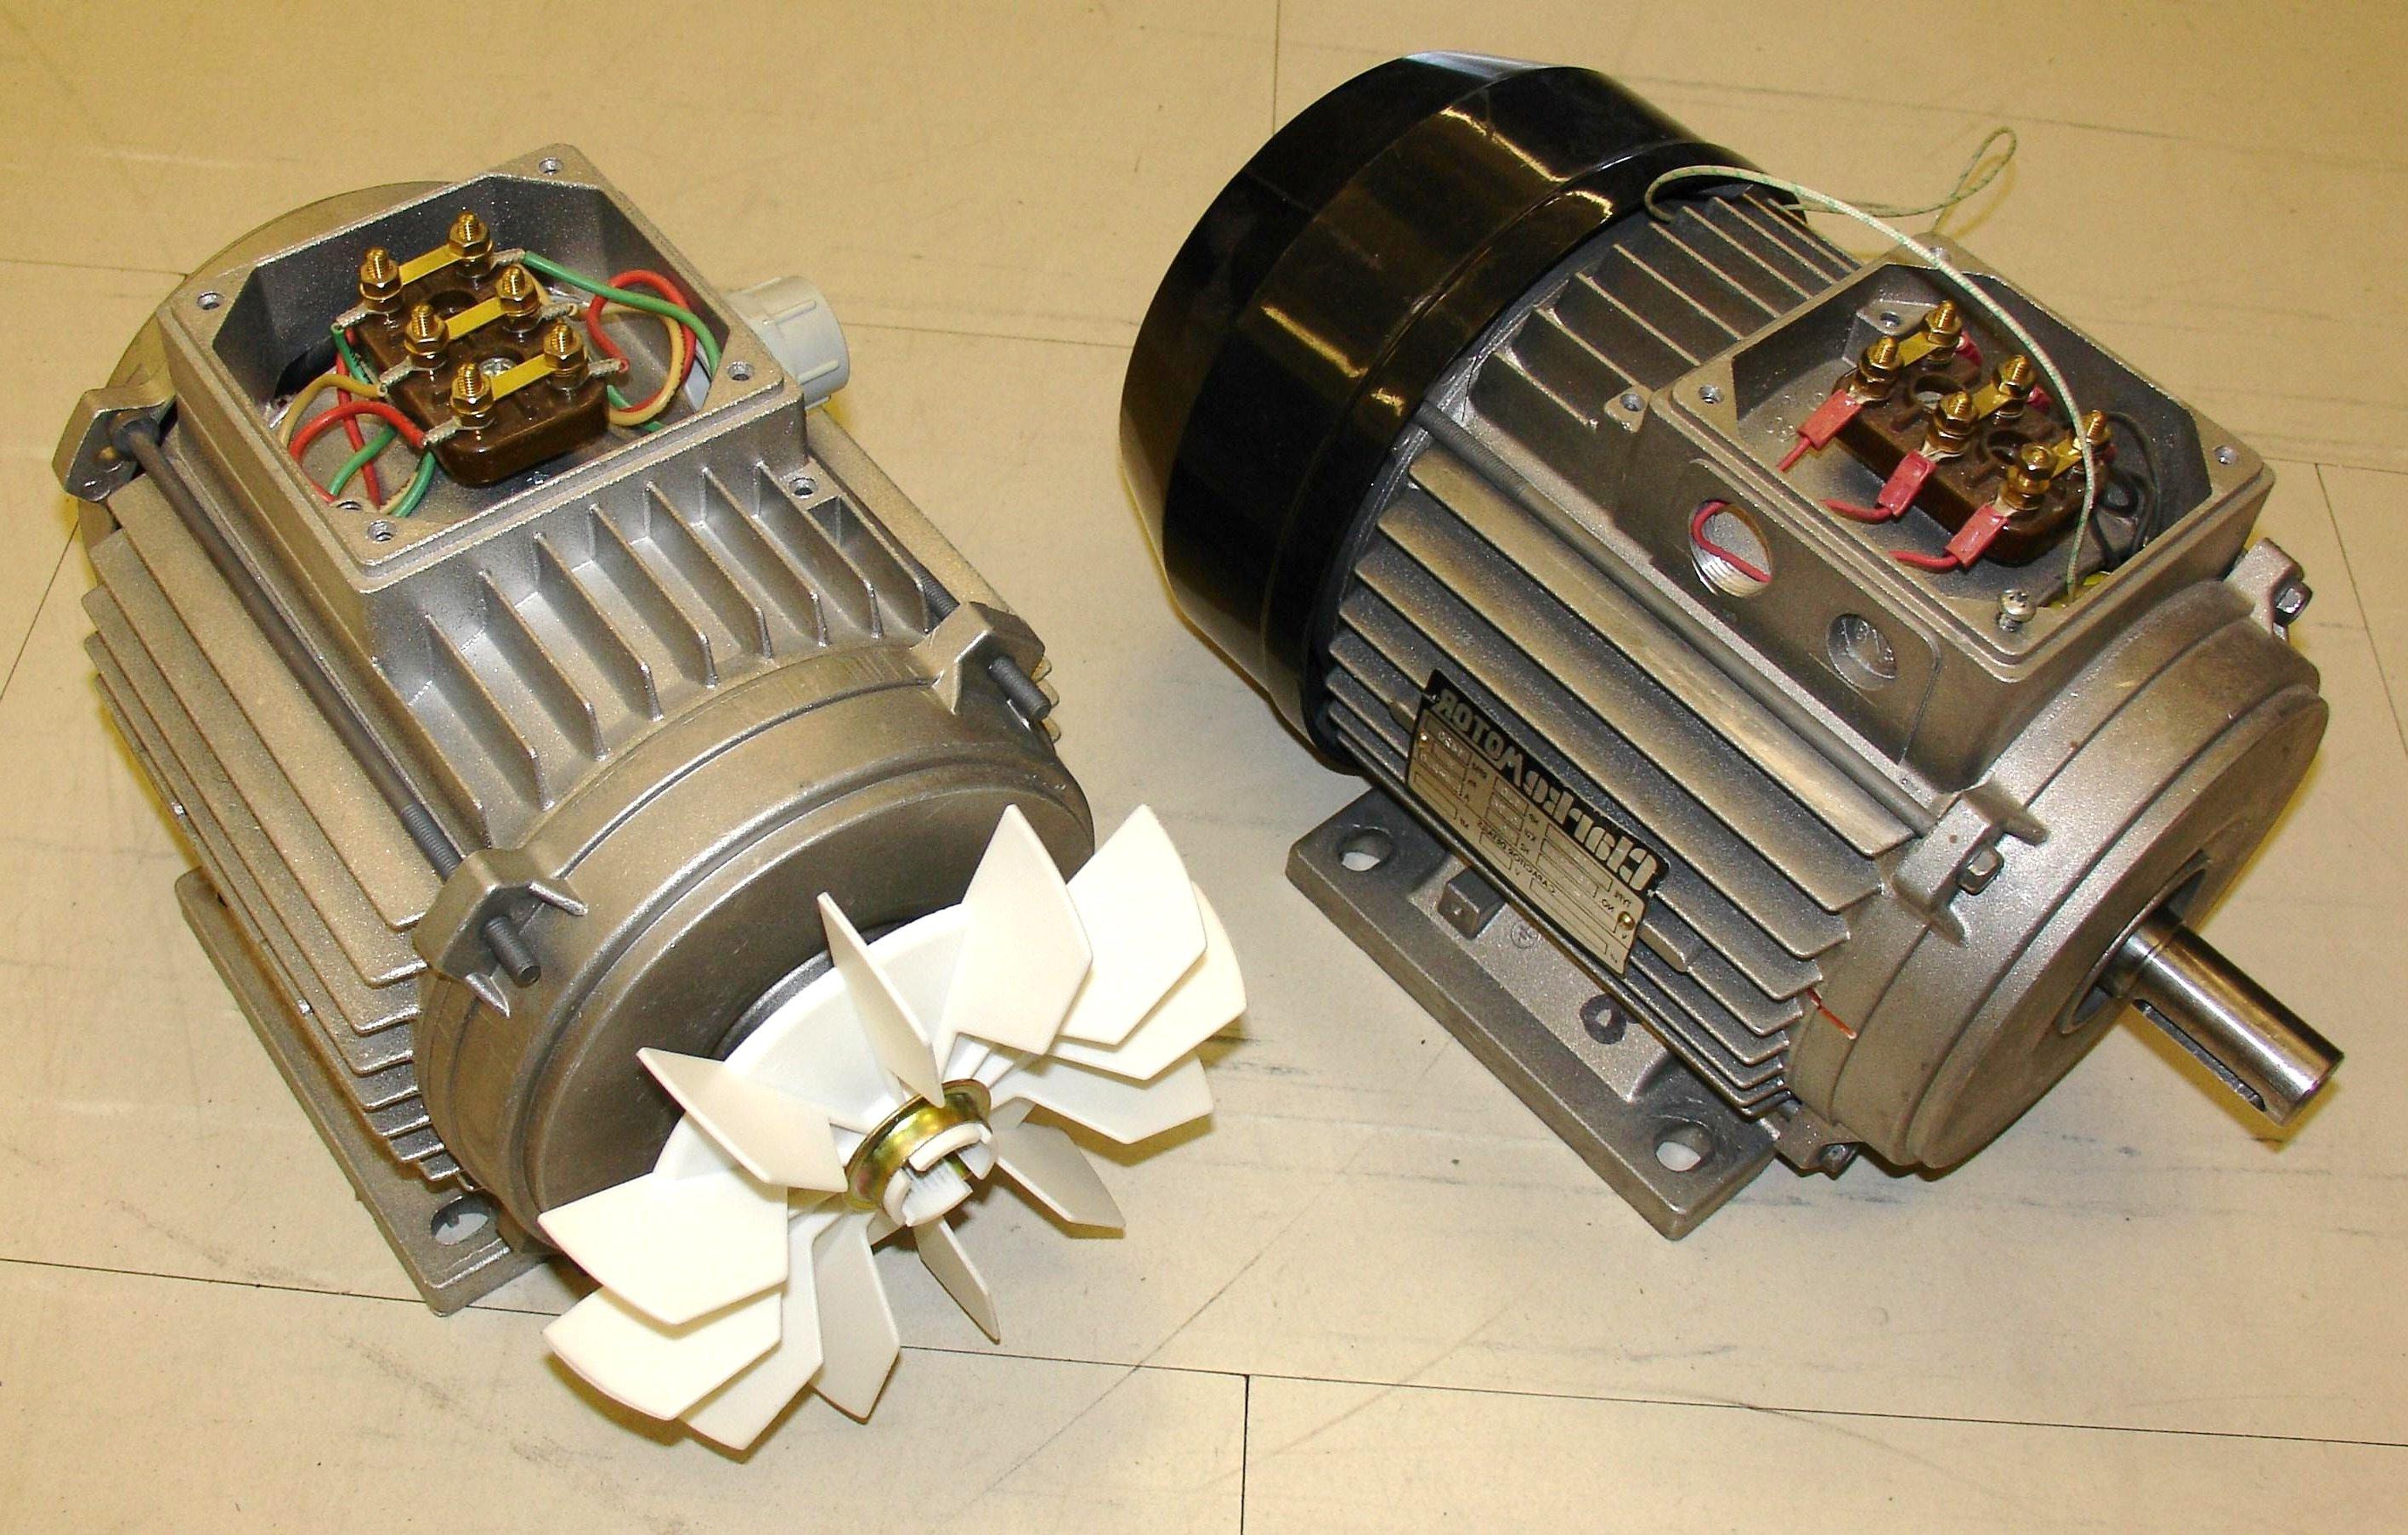 двигатель асинхронный трехфазный 920 обротов в минуту цена информационное обеспечение